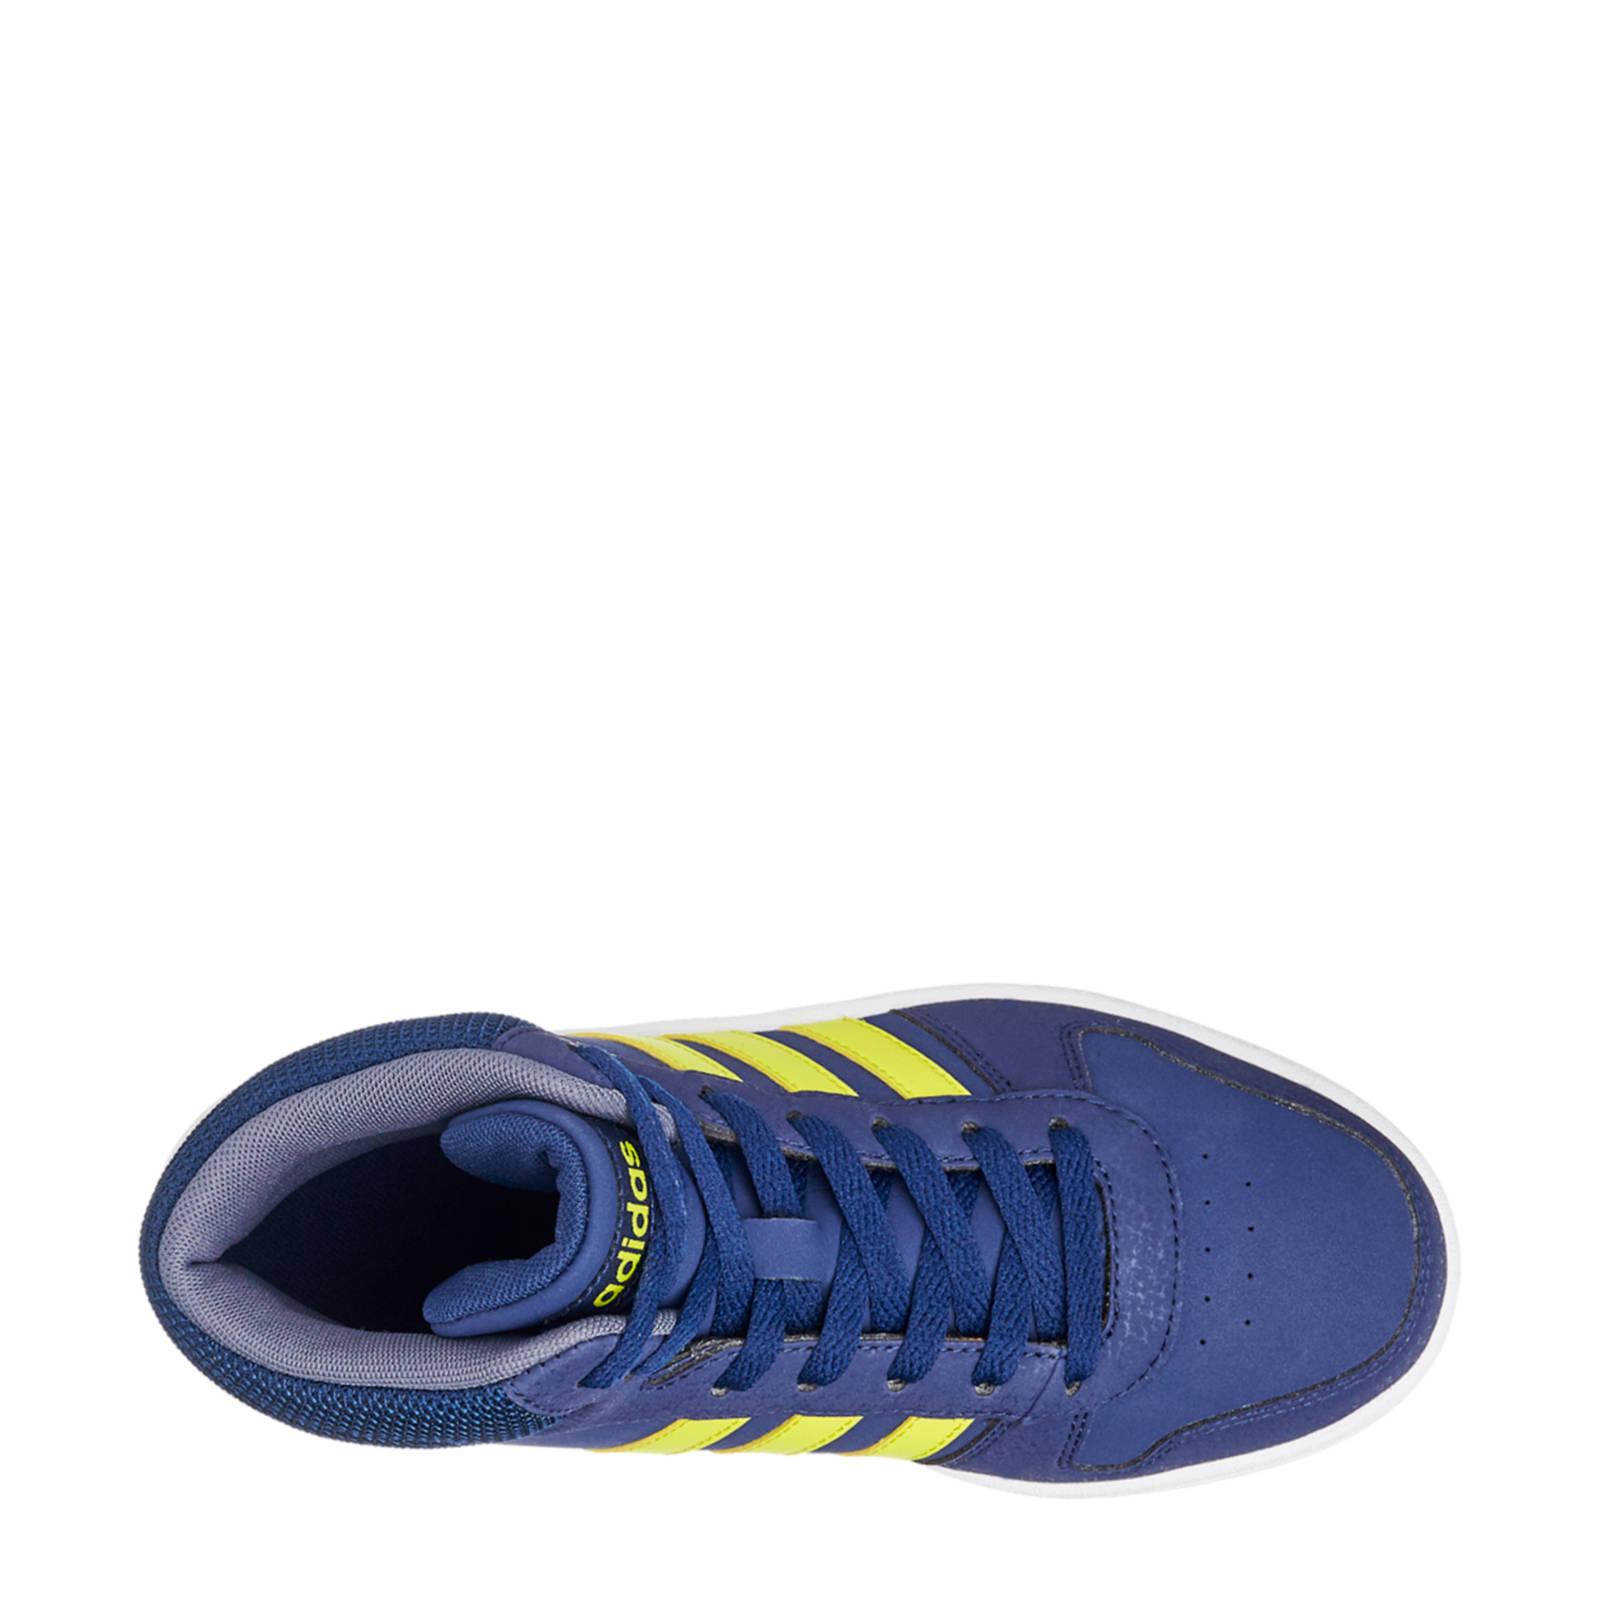 adidas Hoops Mid 2.0 hoge sneakers bruin   wehkamp